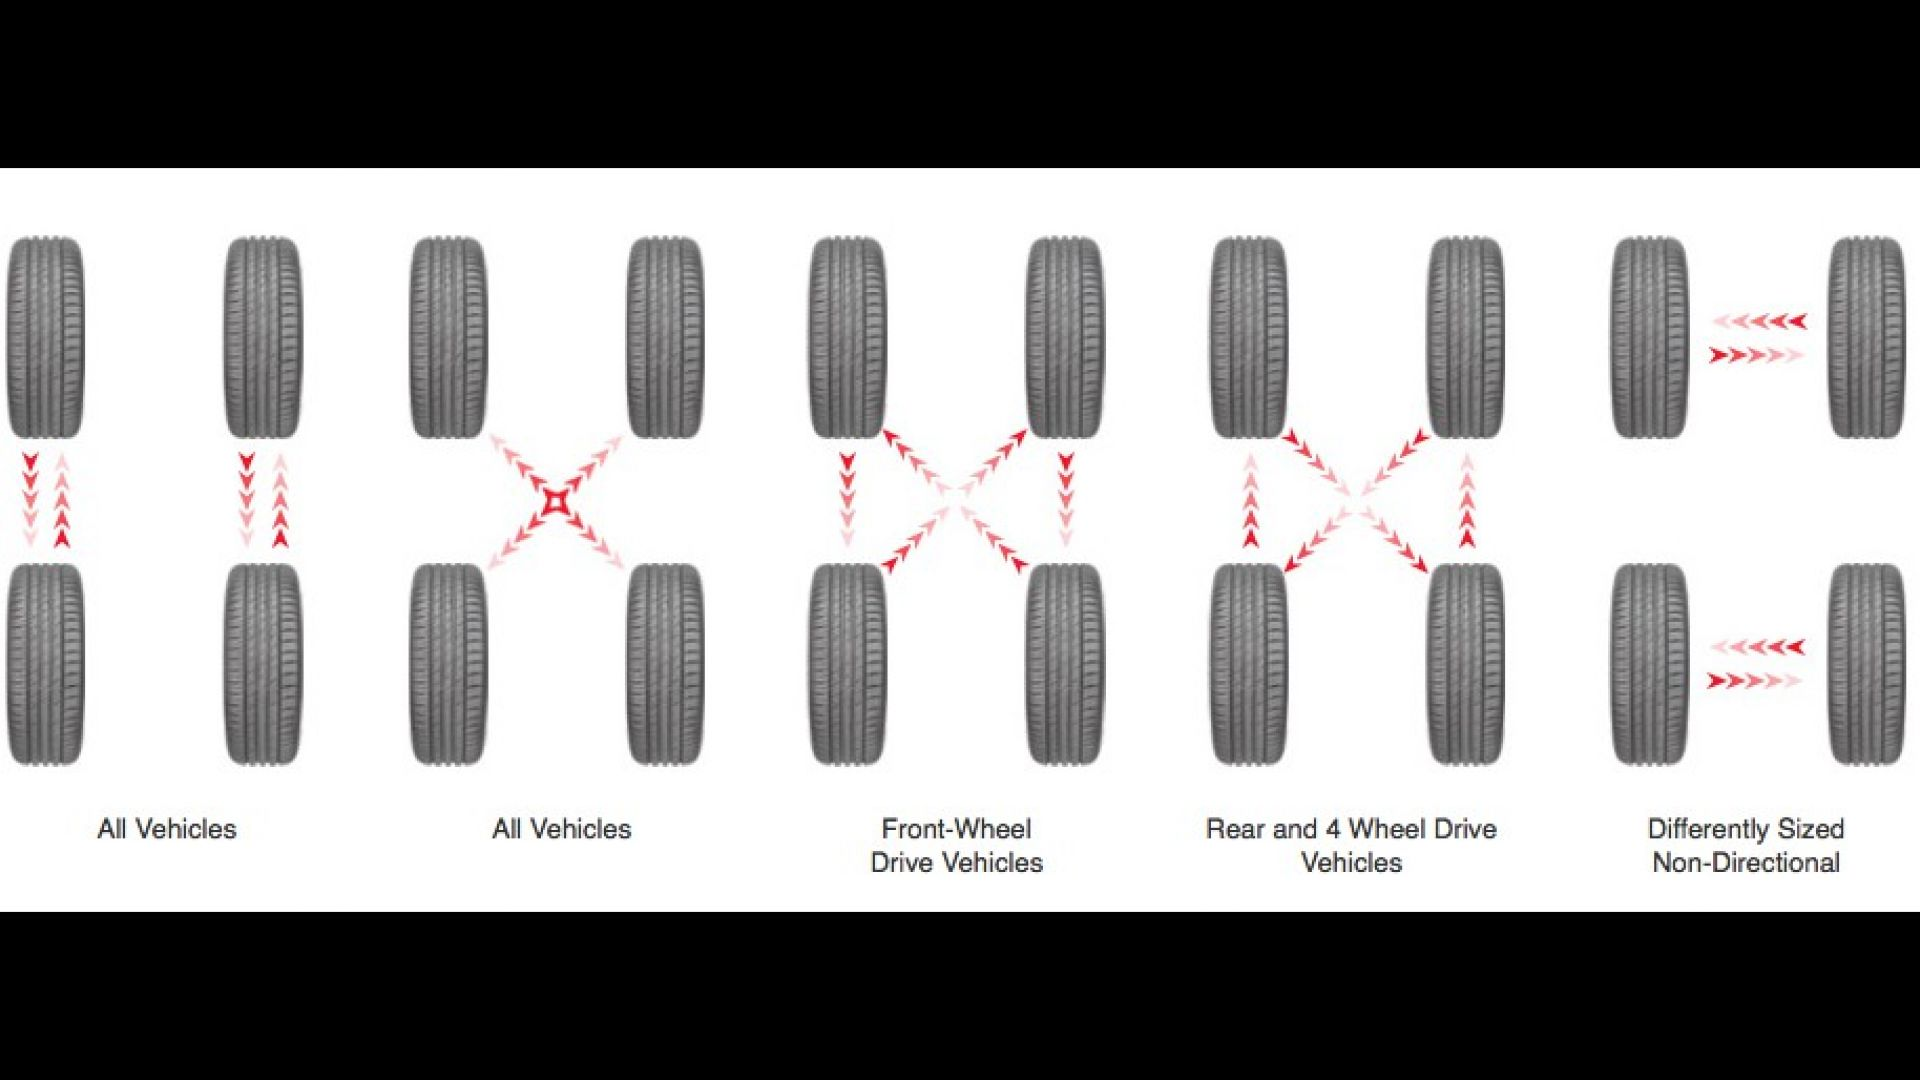 Media Motor Problemas De Motores Elctricos Sntomas Y Causas Probables Anteprima Ohvale Gp 0